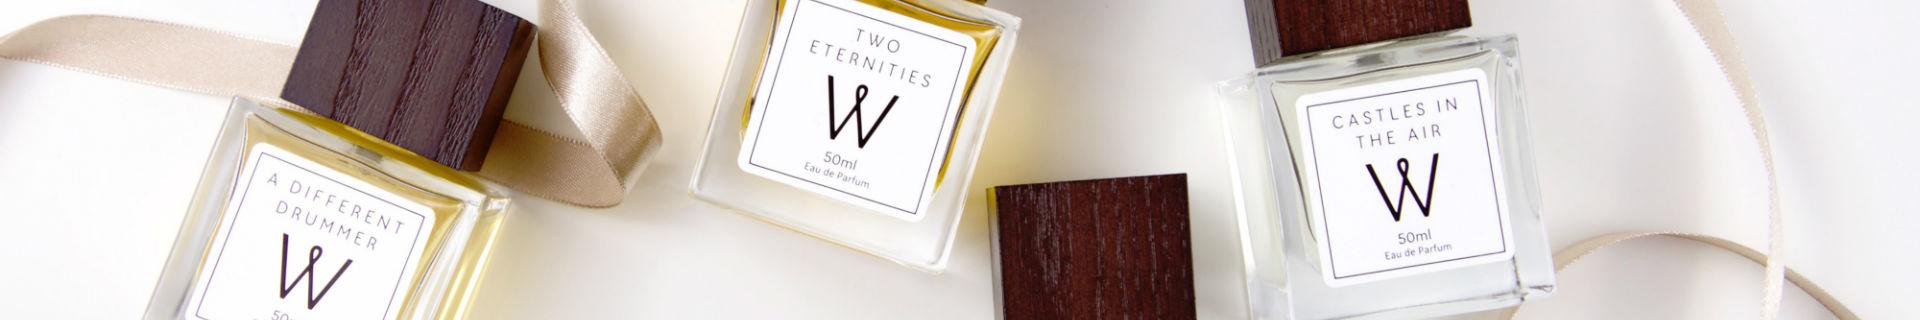 Natuurlijke parfum zonder chemische ingrediënten